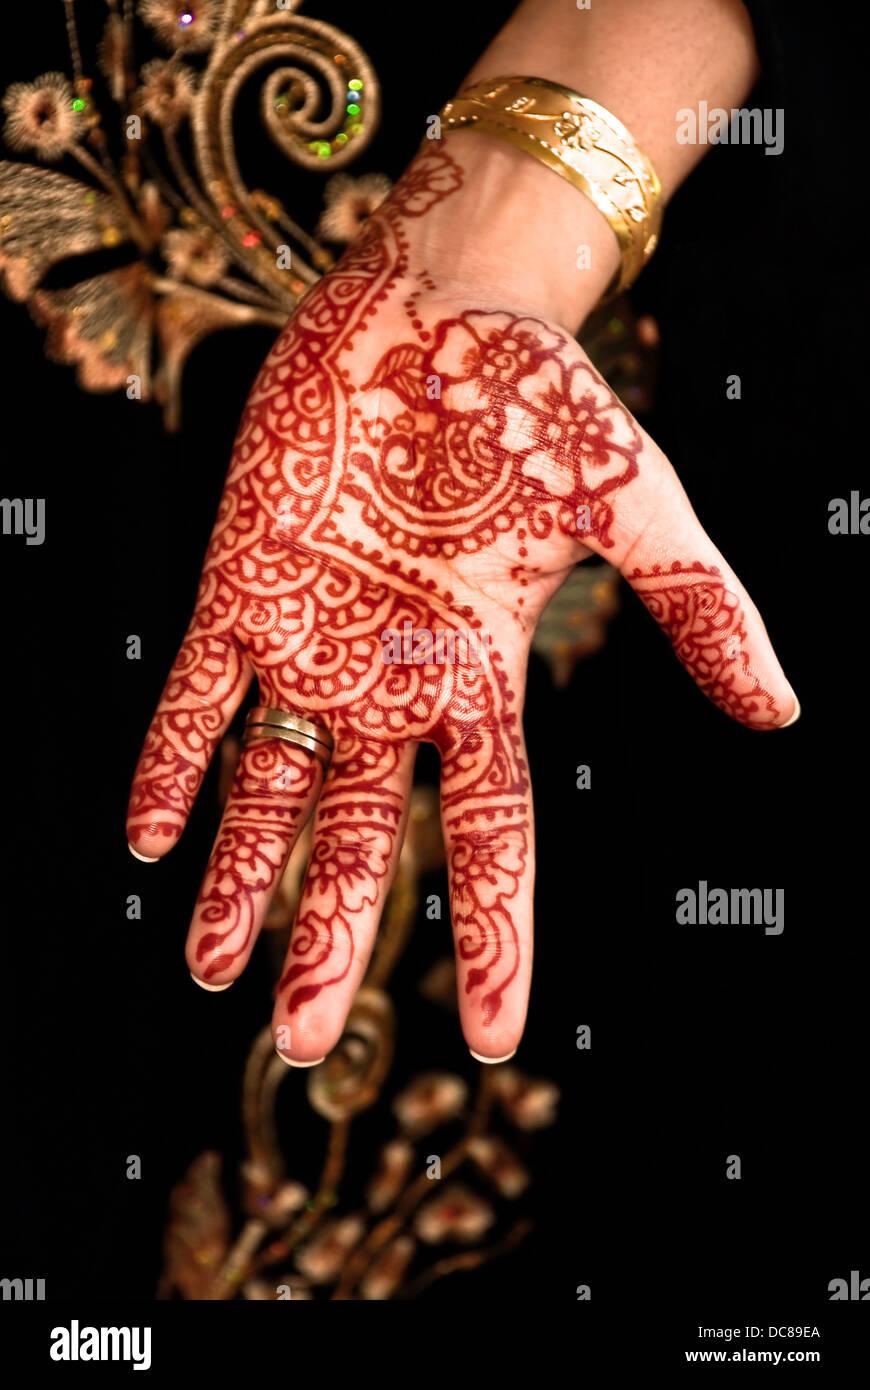 Mehendi Henna Tattoo Hand Design Unique Flower Stock Photo 59190050